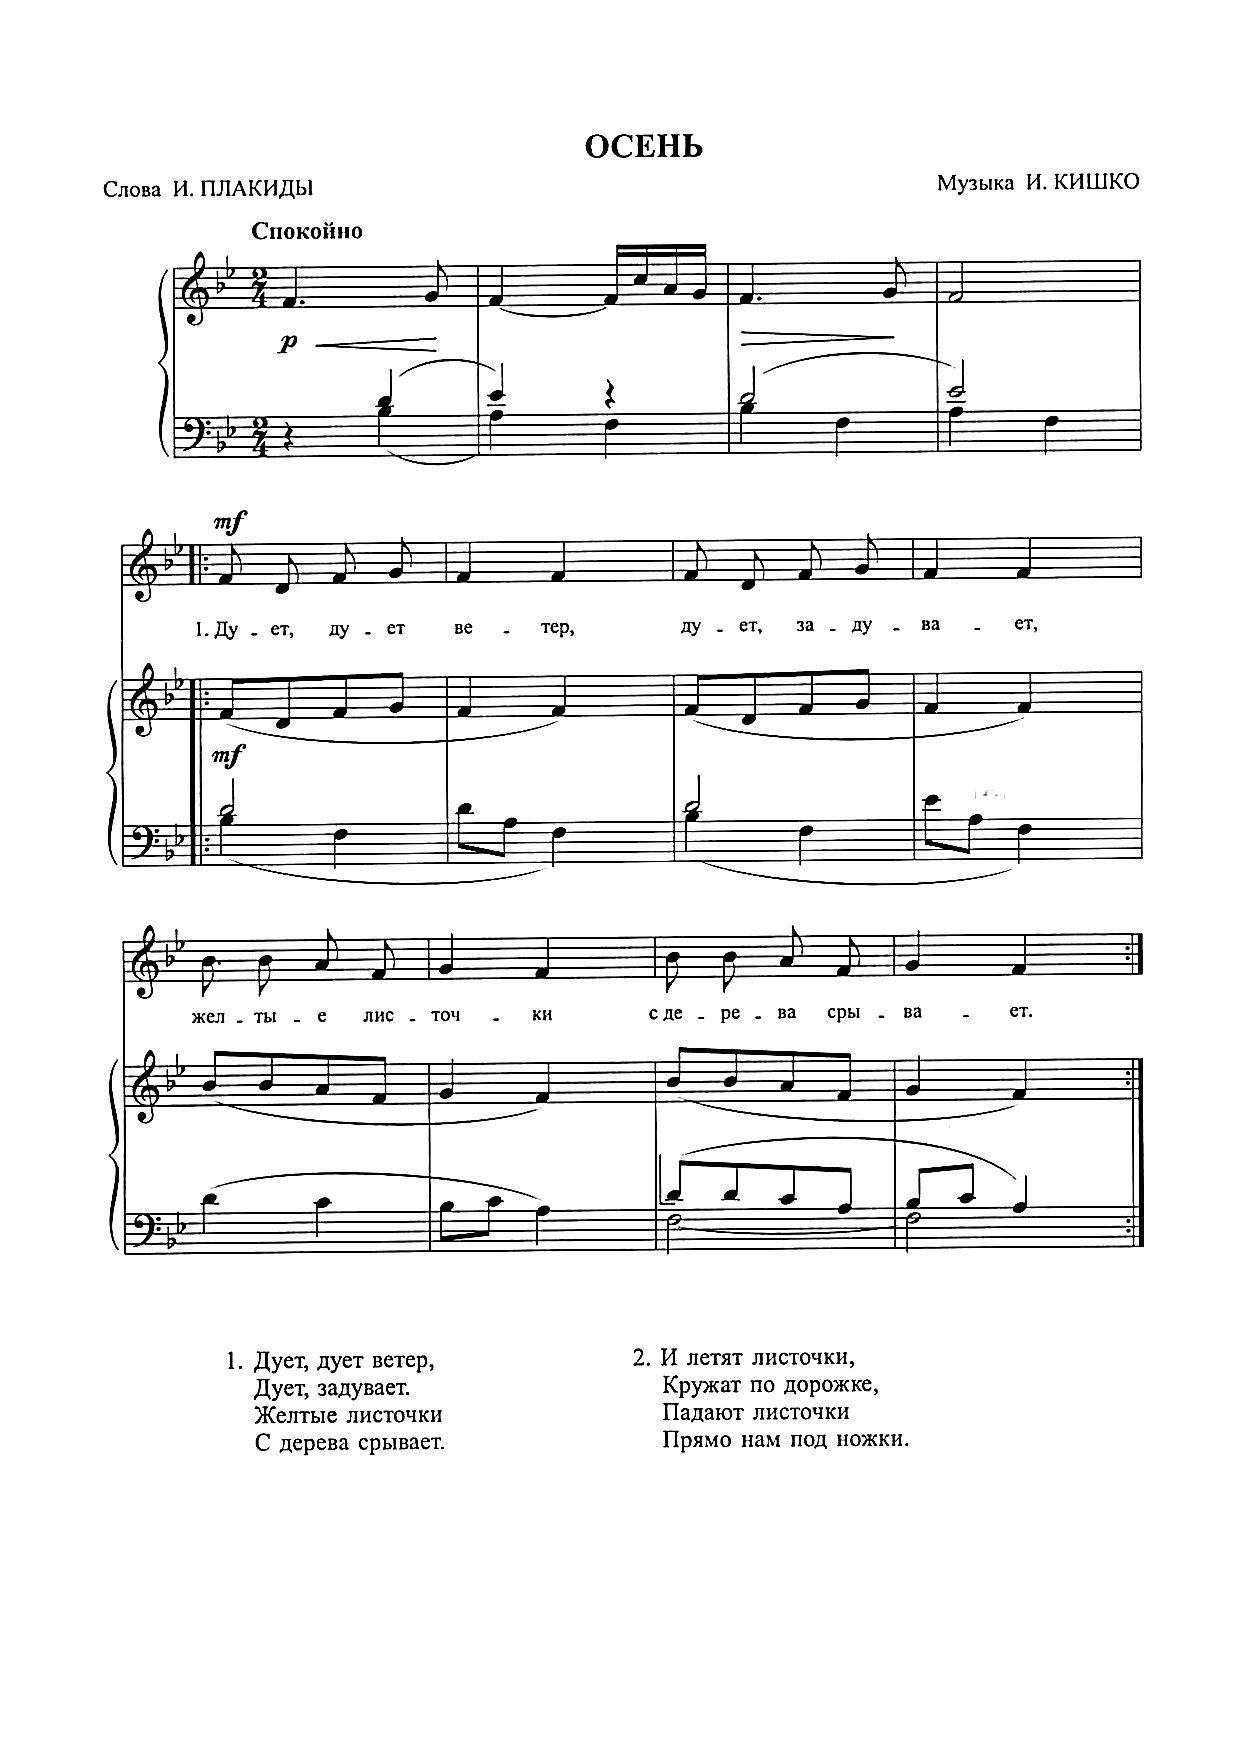 Мелодия на тему осень скачать бесплатно